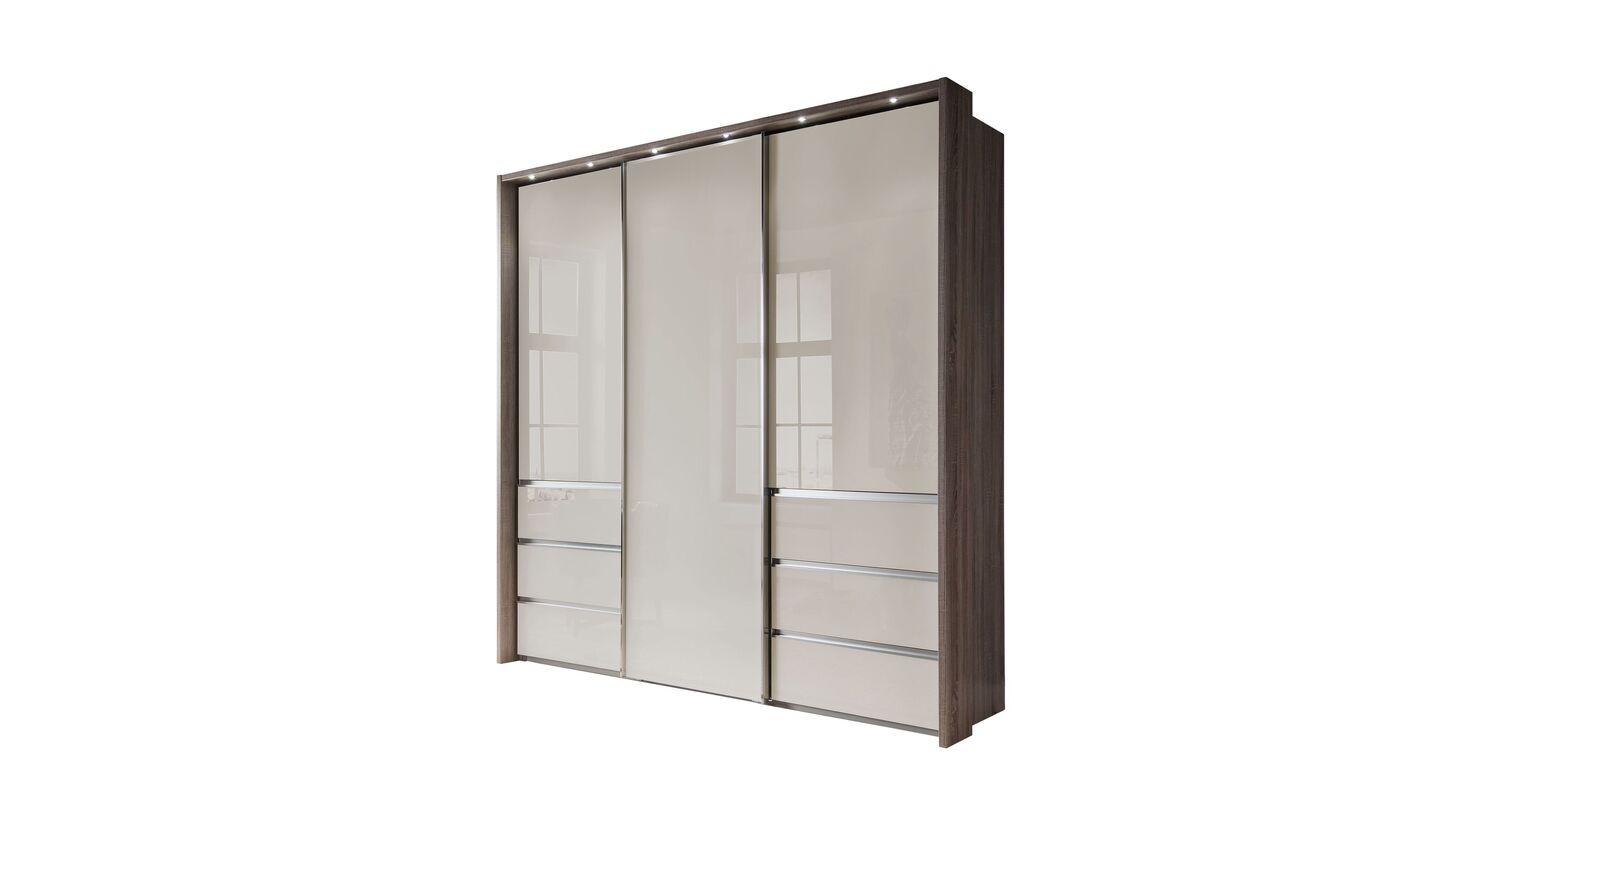 Moderner Schwebetüren-Kleiderschrank Tunica in 250 cm Breite